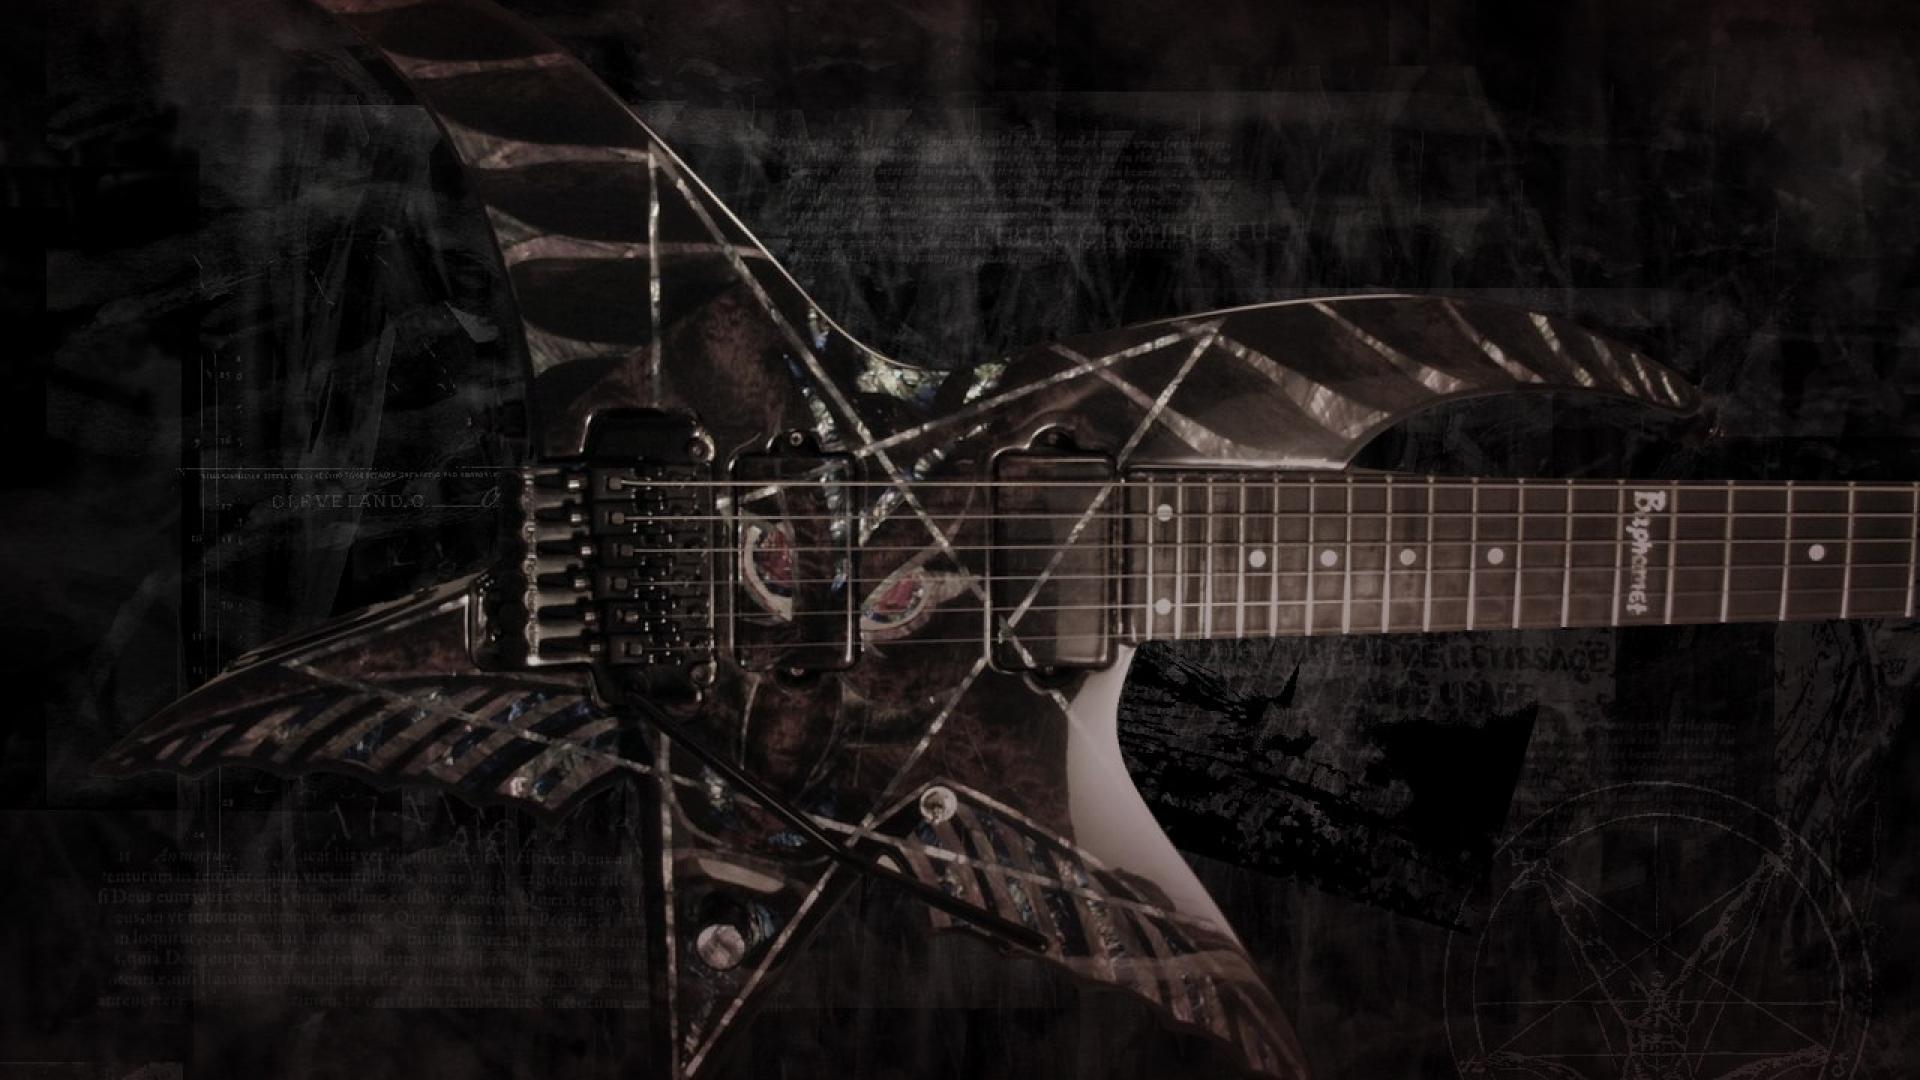 Guitar Hd Wallpapers 1080p Baphomet Wallpaper For Desktop Pixelstalk Net